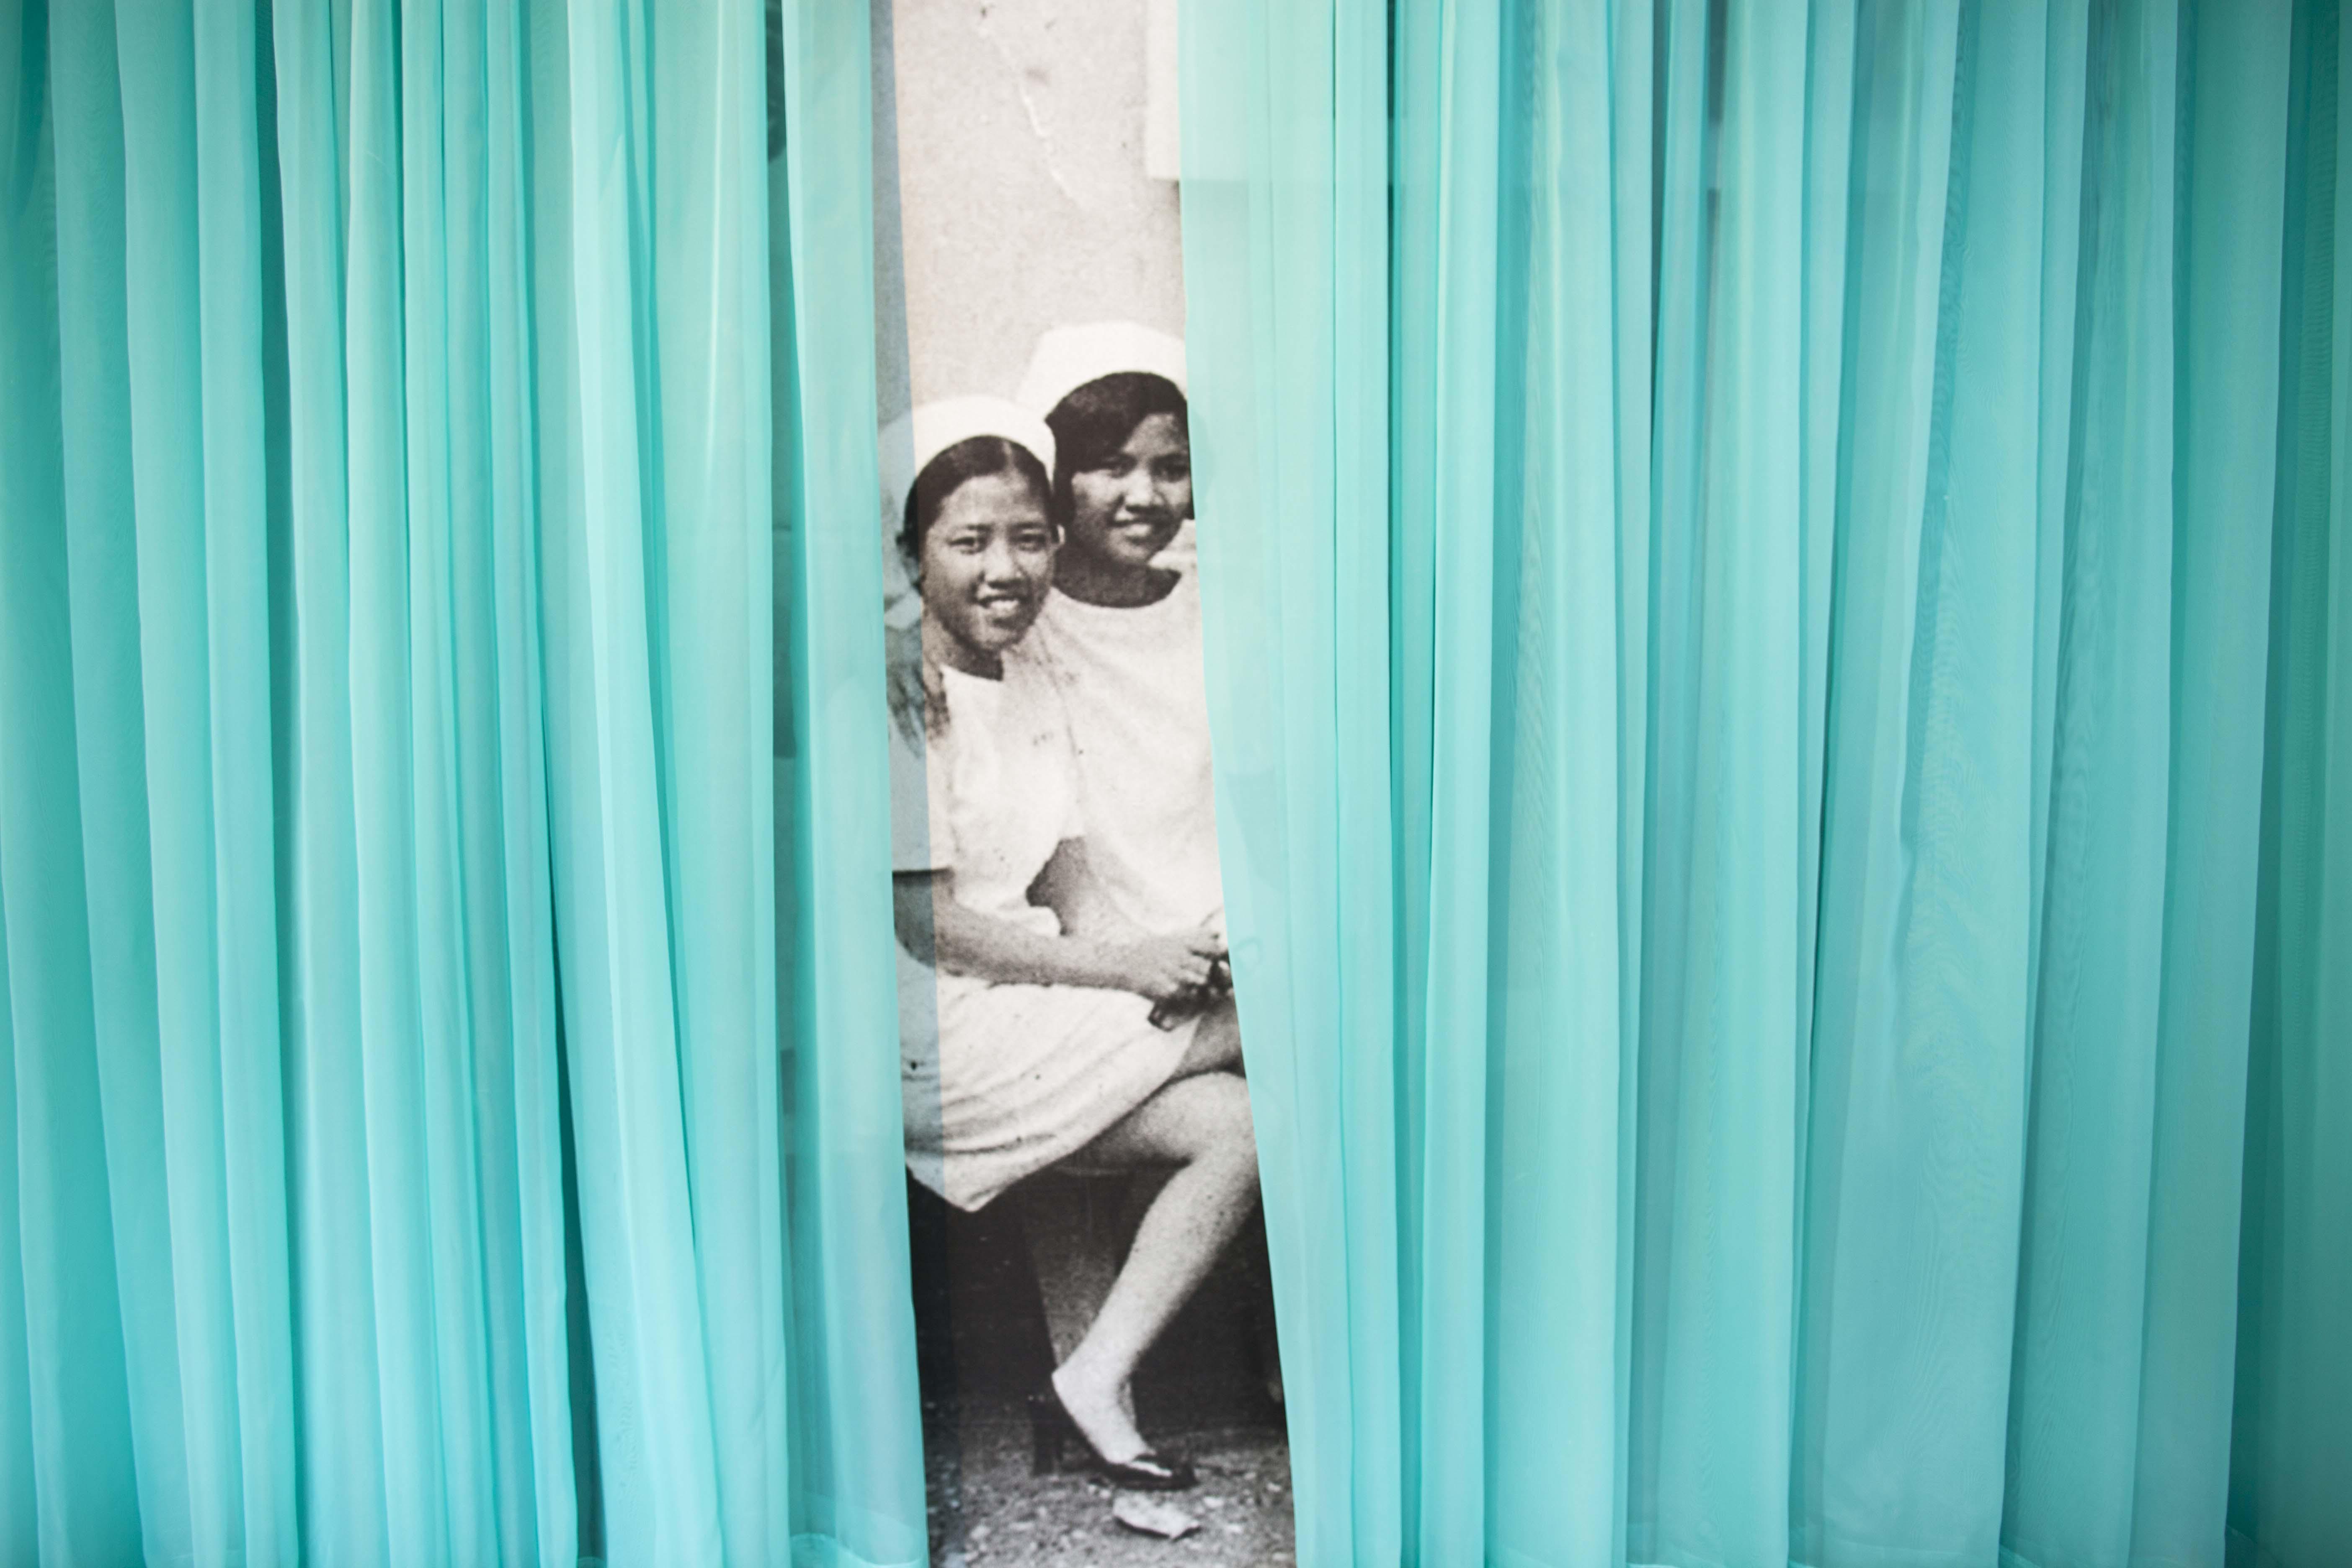 12x12 Salon Series at SECCA: Artist Hong-An Truong